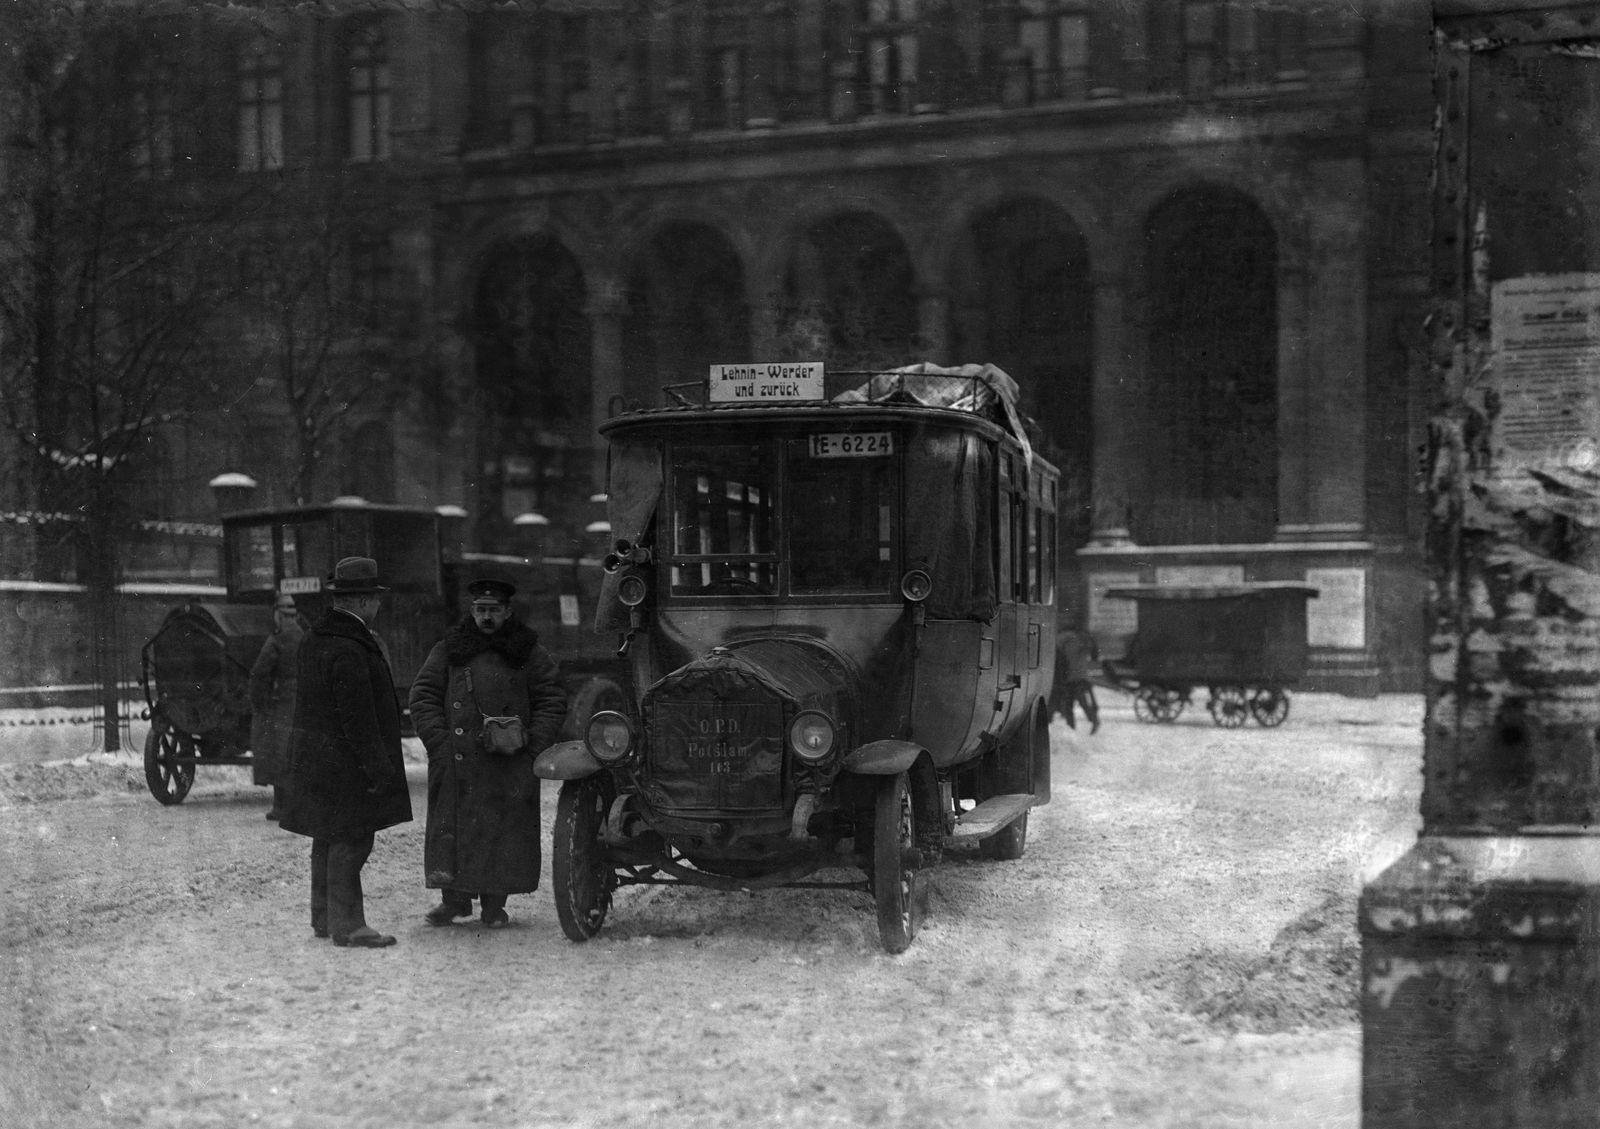 Autobus Lehnin - Werder - und zurück am Potsdamer Bahnhof, ca.1919 © bpk / Kunstbibliothek, SMB / Willy Römer